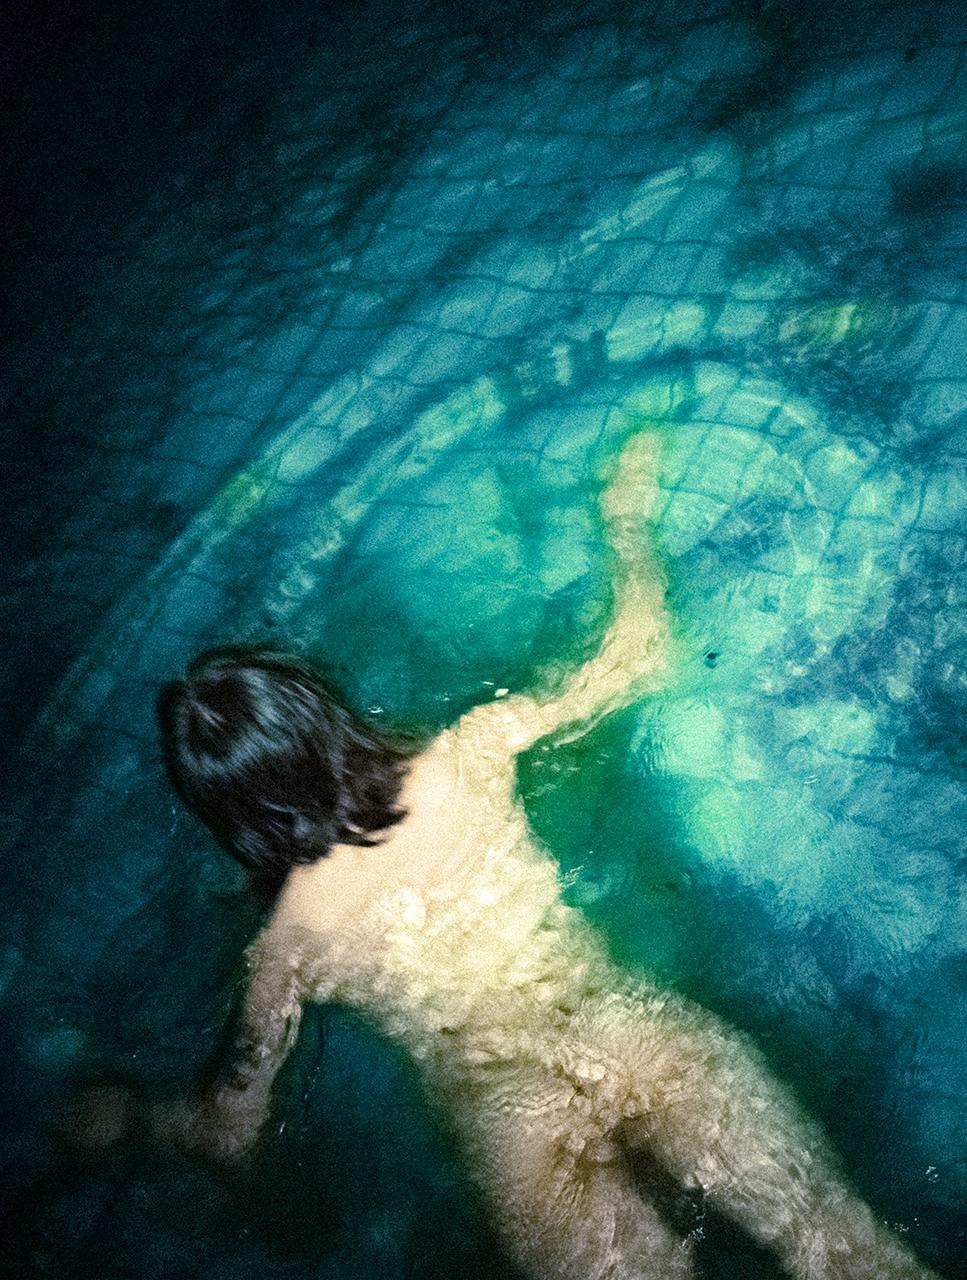 内田 燿司 | Yohji Uchida